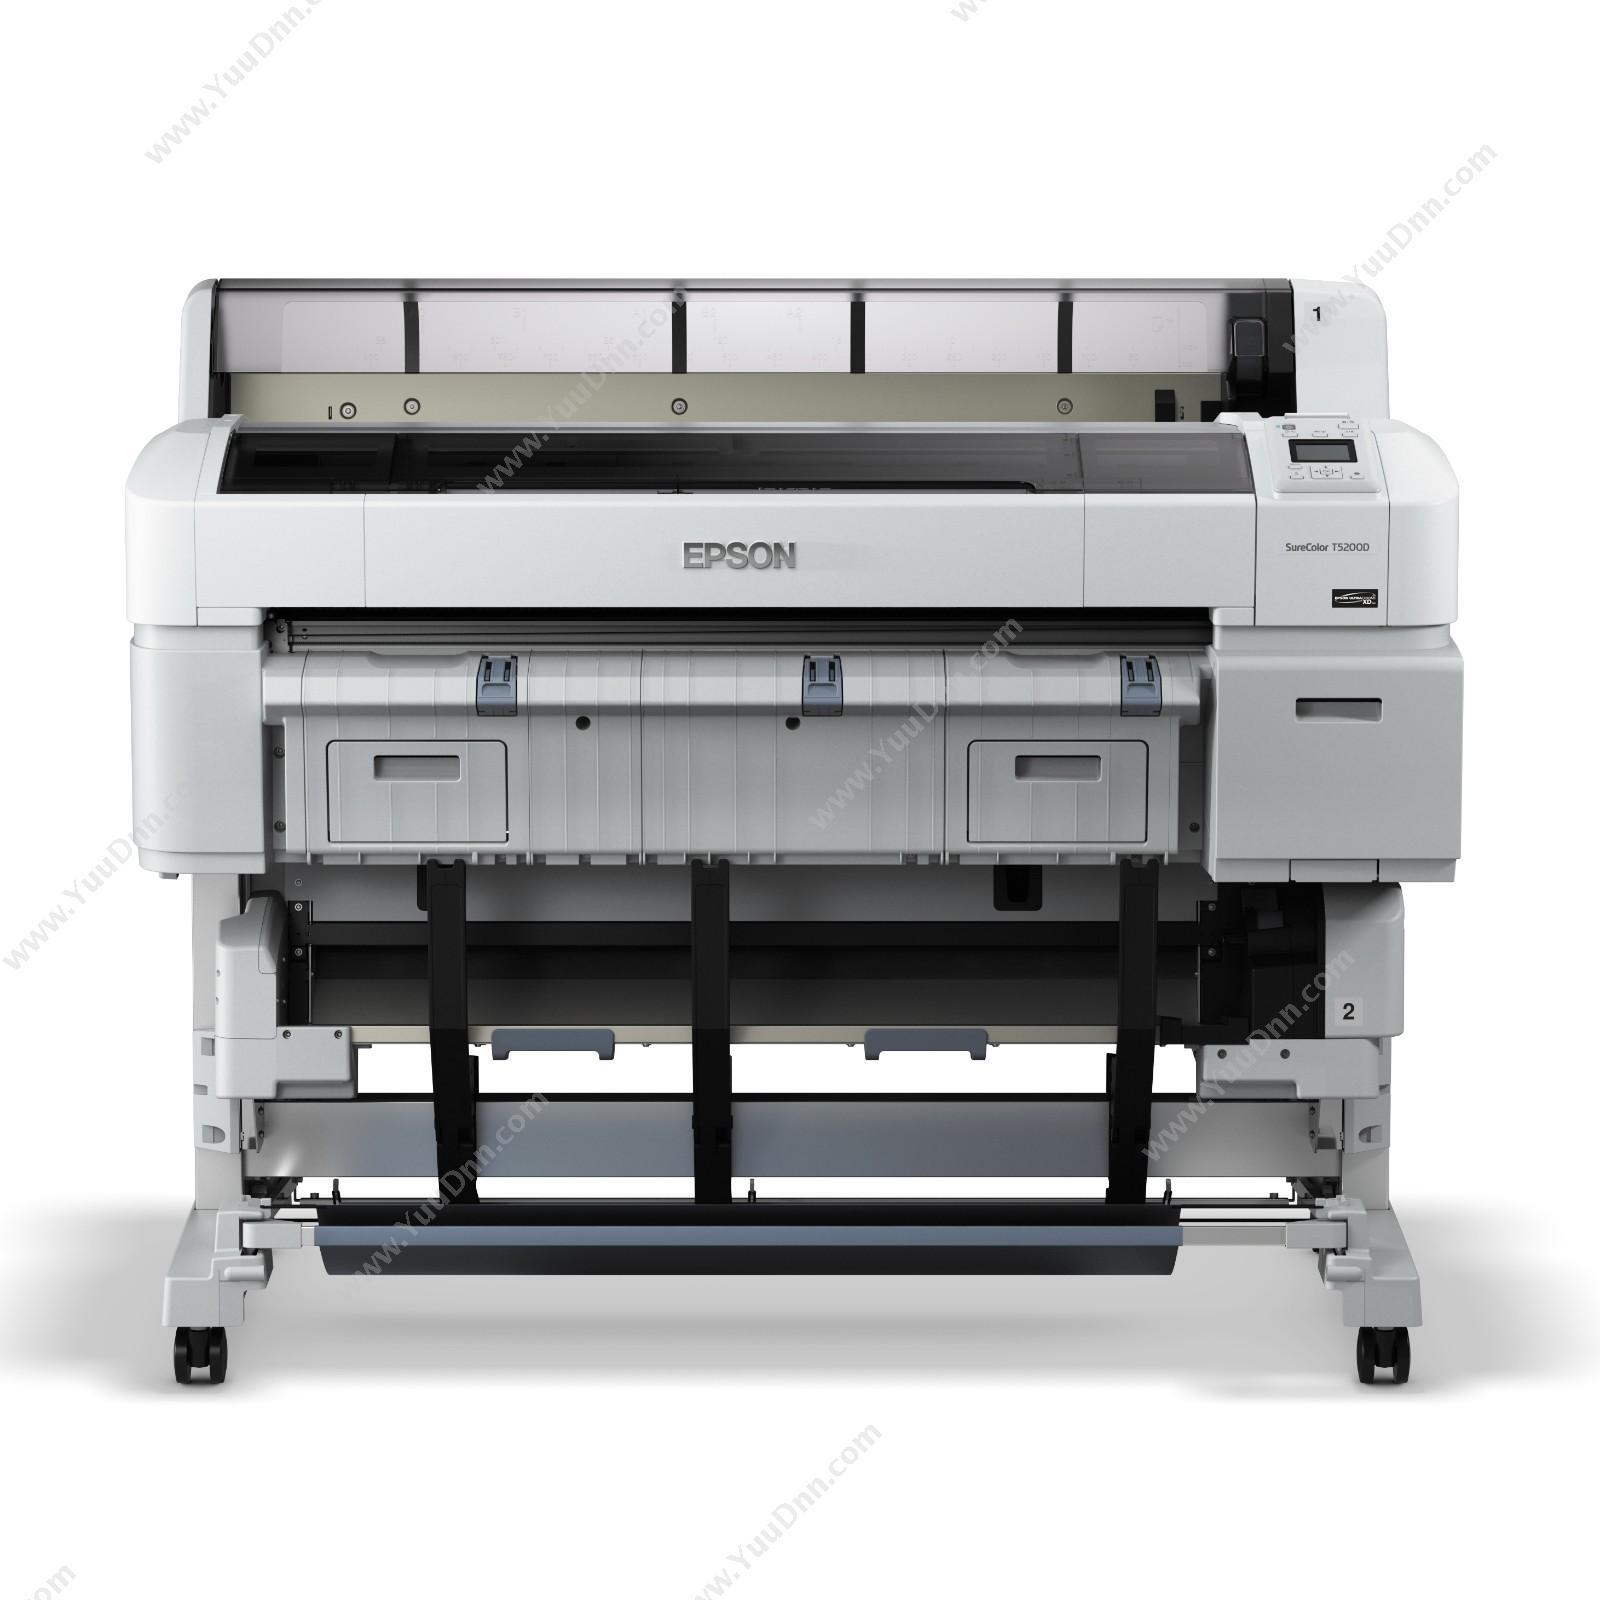 爱普生 Epson SC-T5280宽幅打印机/绘图仪